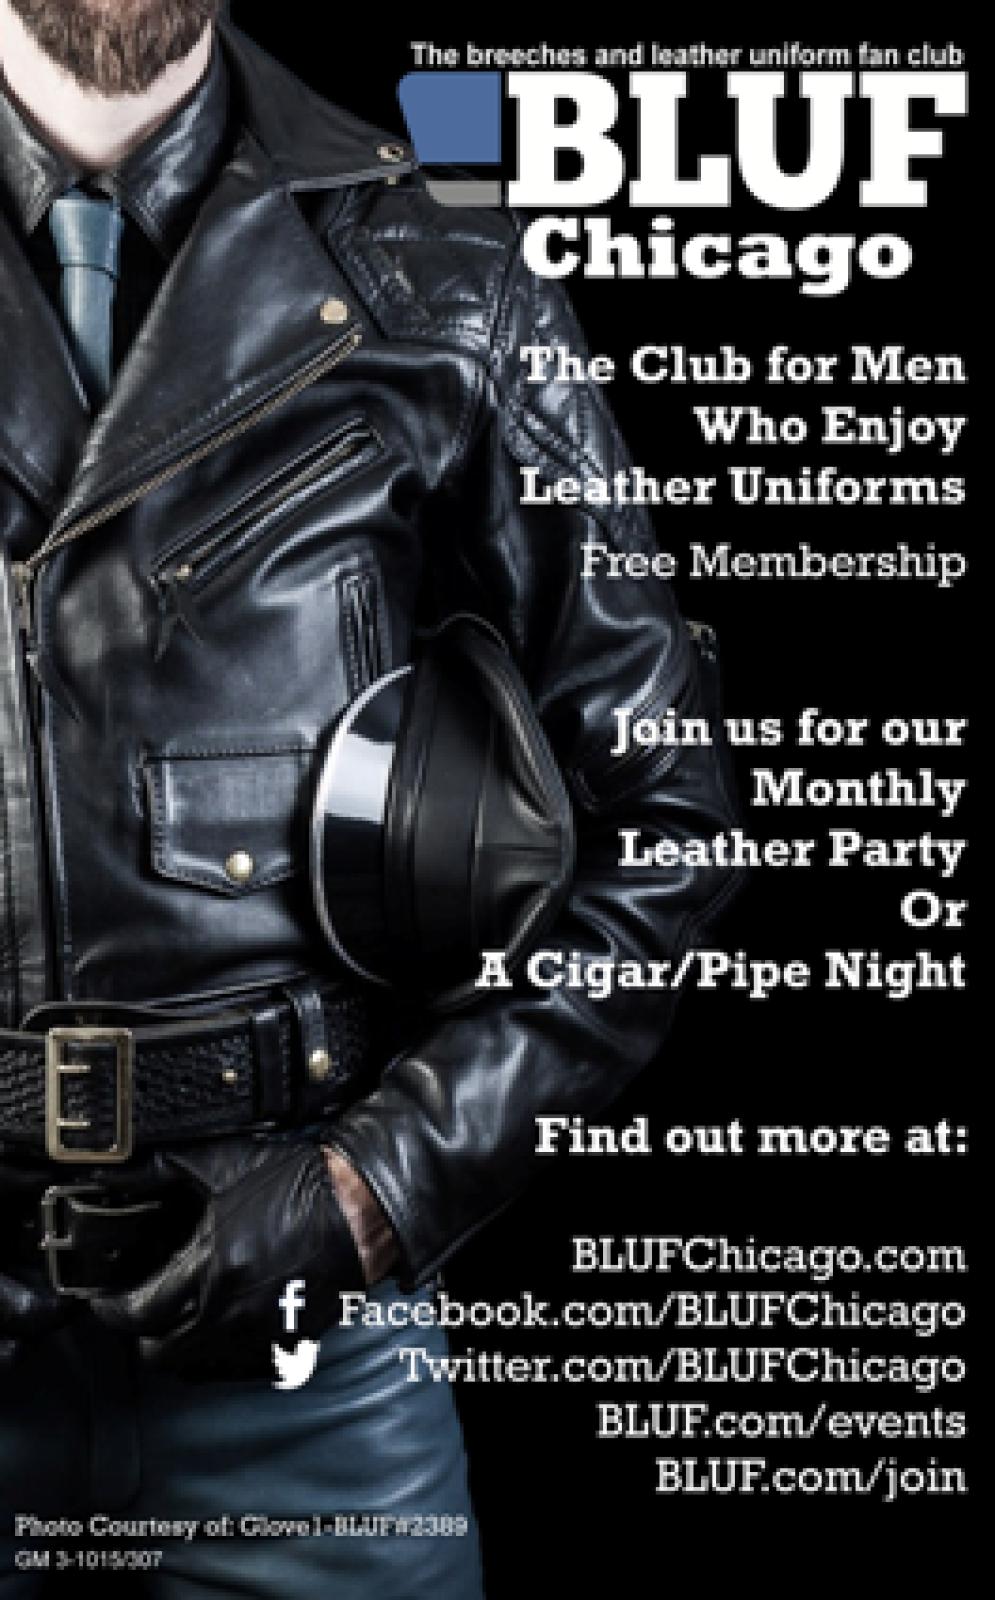 bdsm calendar Chicago event